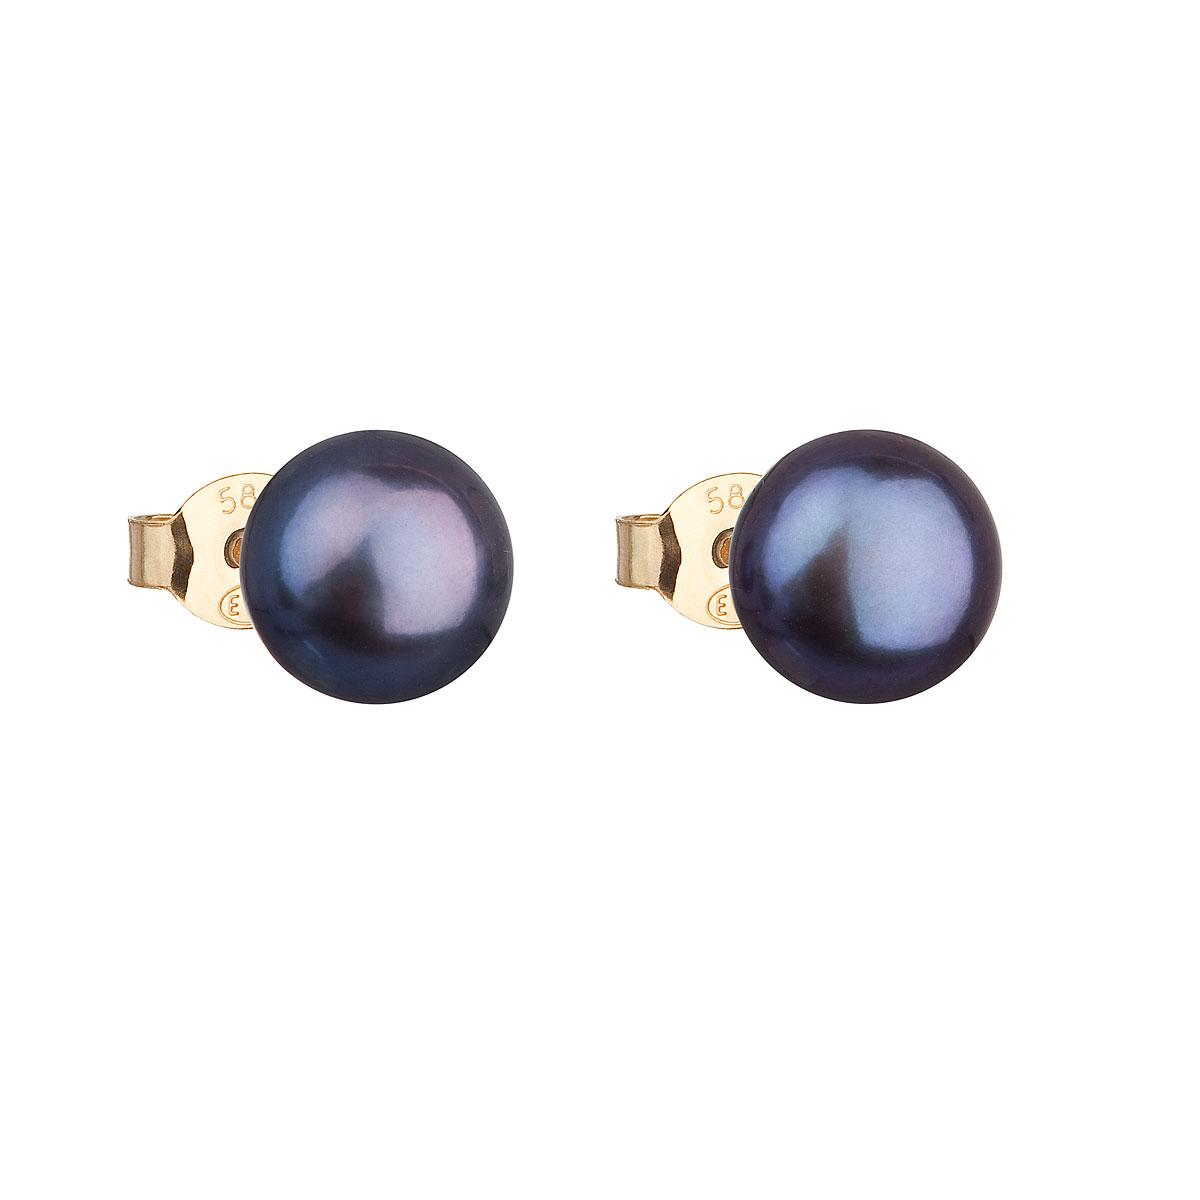 Evolution Group Zlaté 14 karátové náušnice pecky s modrou říční perlou 921042.3